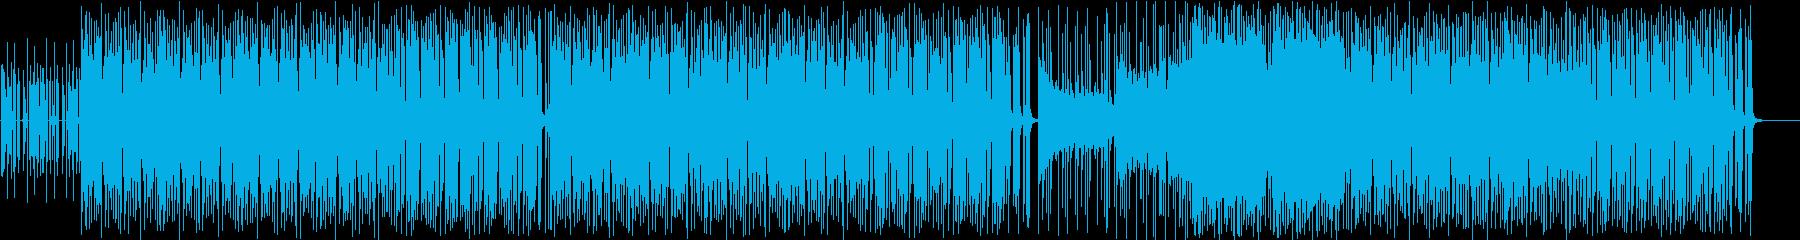 大人な雰囲気のオシャレなインストBGMの再生済みの波形